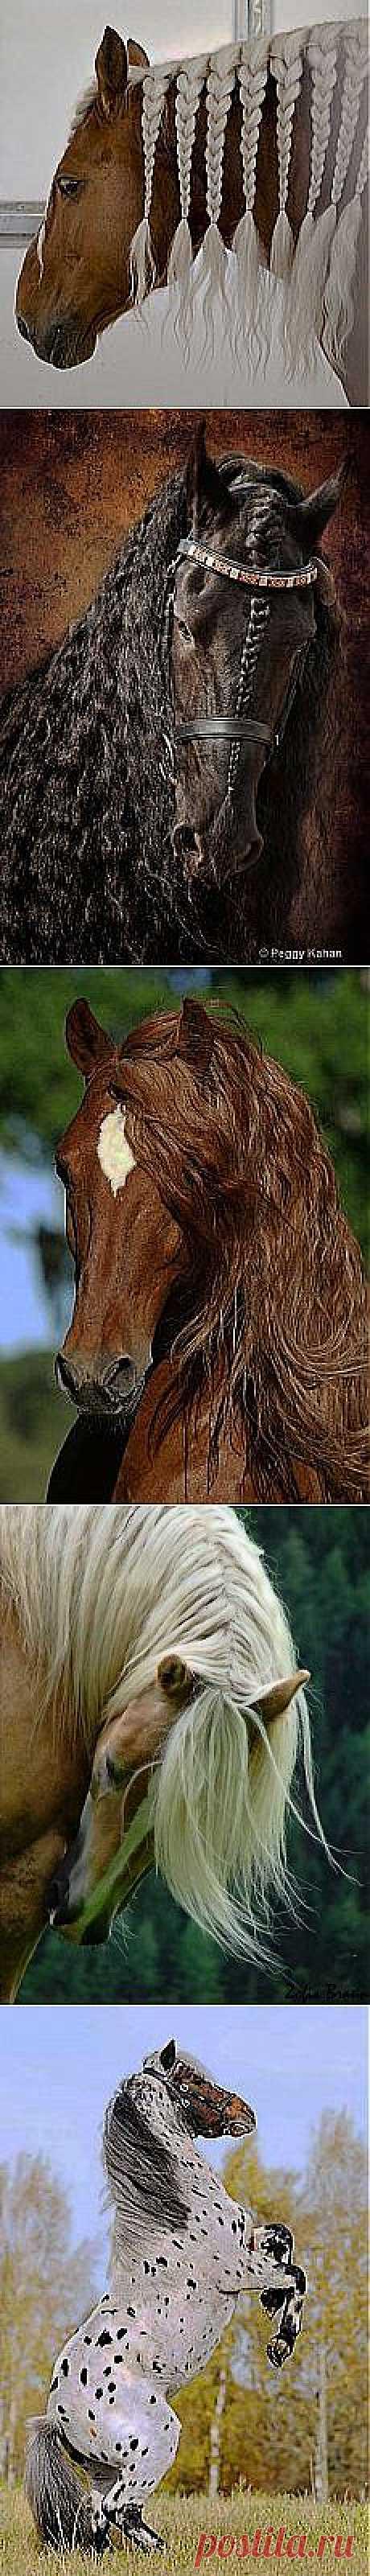 галина осетрова: Лучшие друзья людей - лошади. | Постила